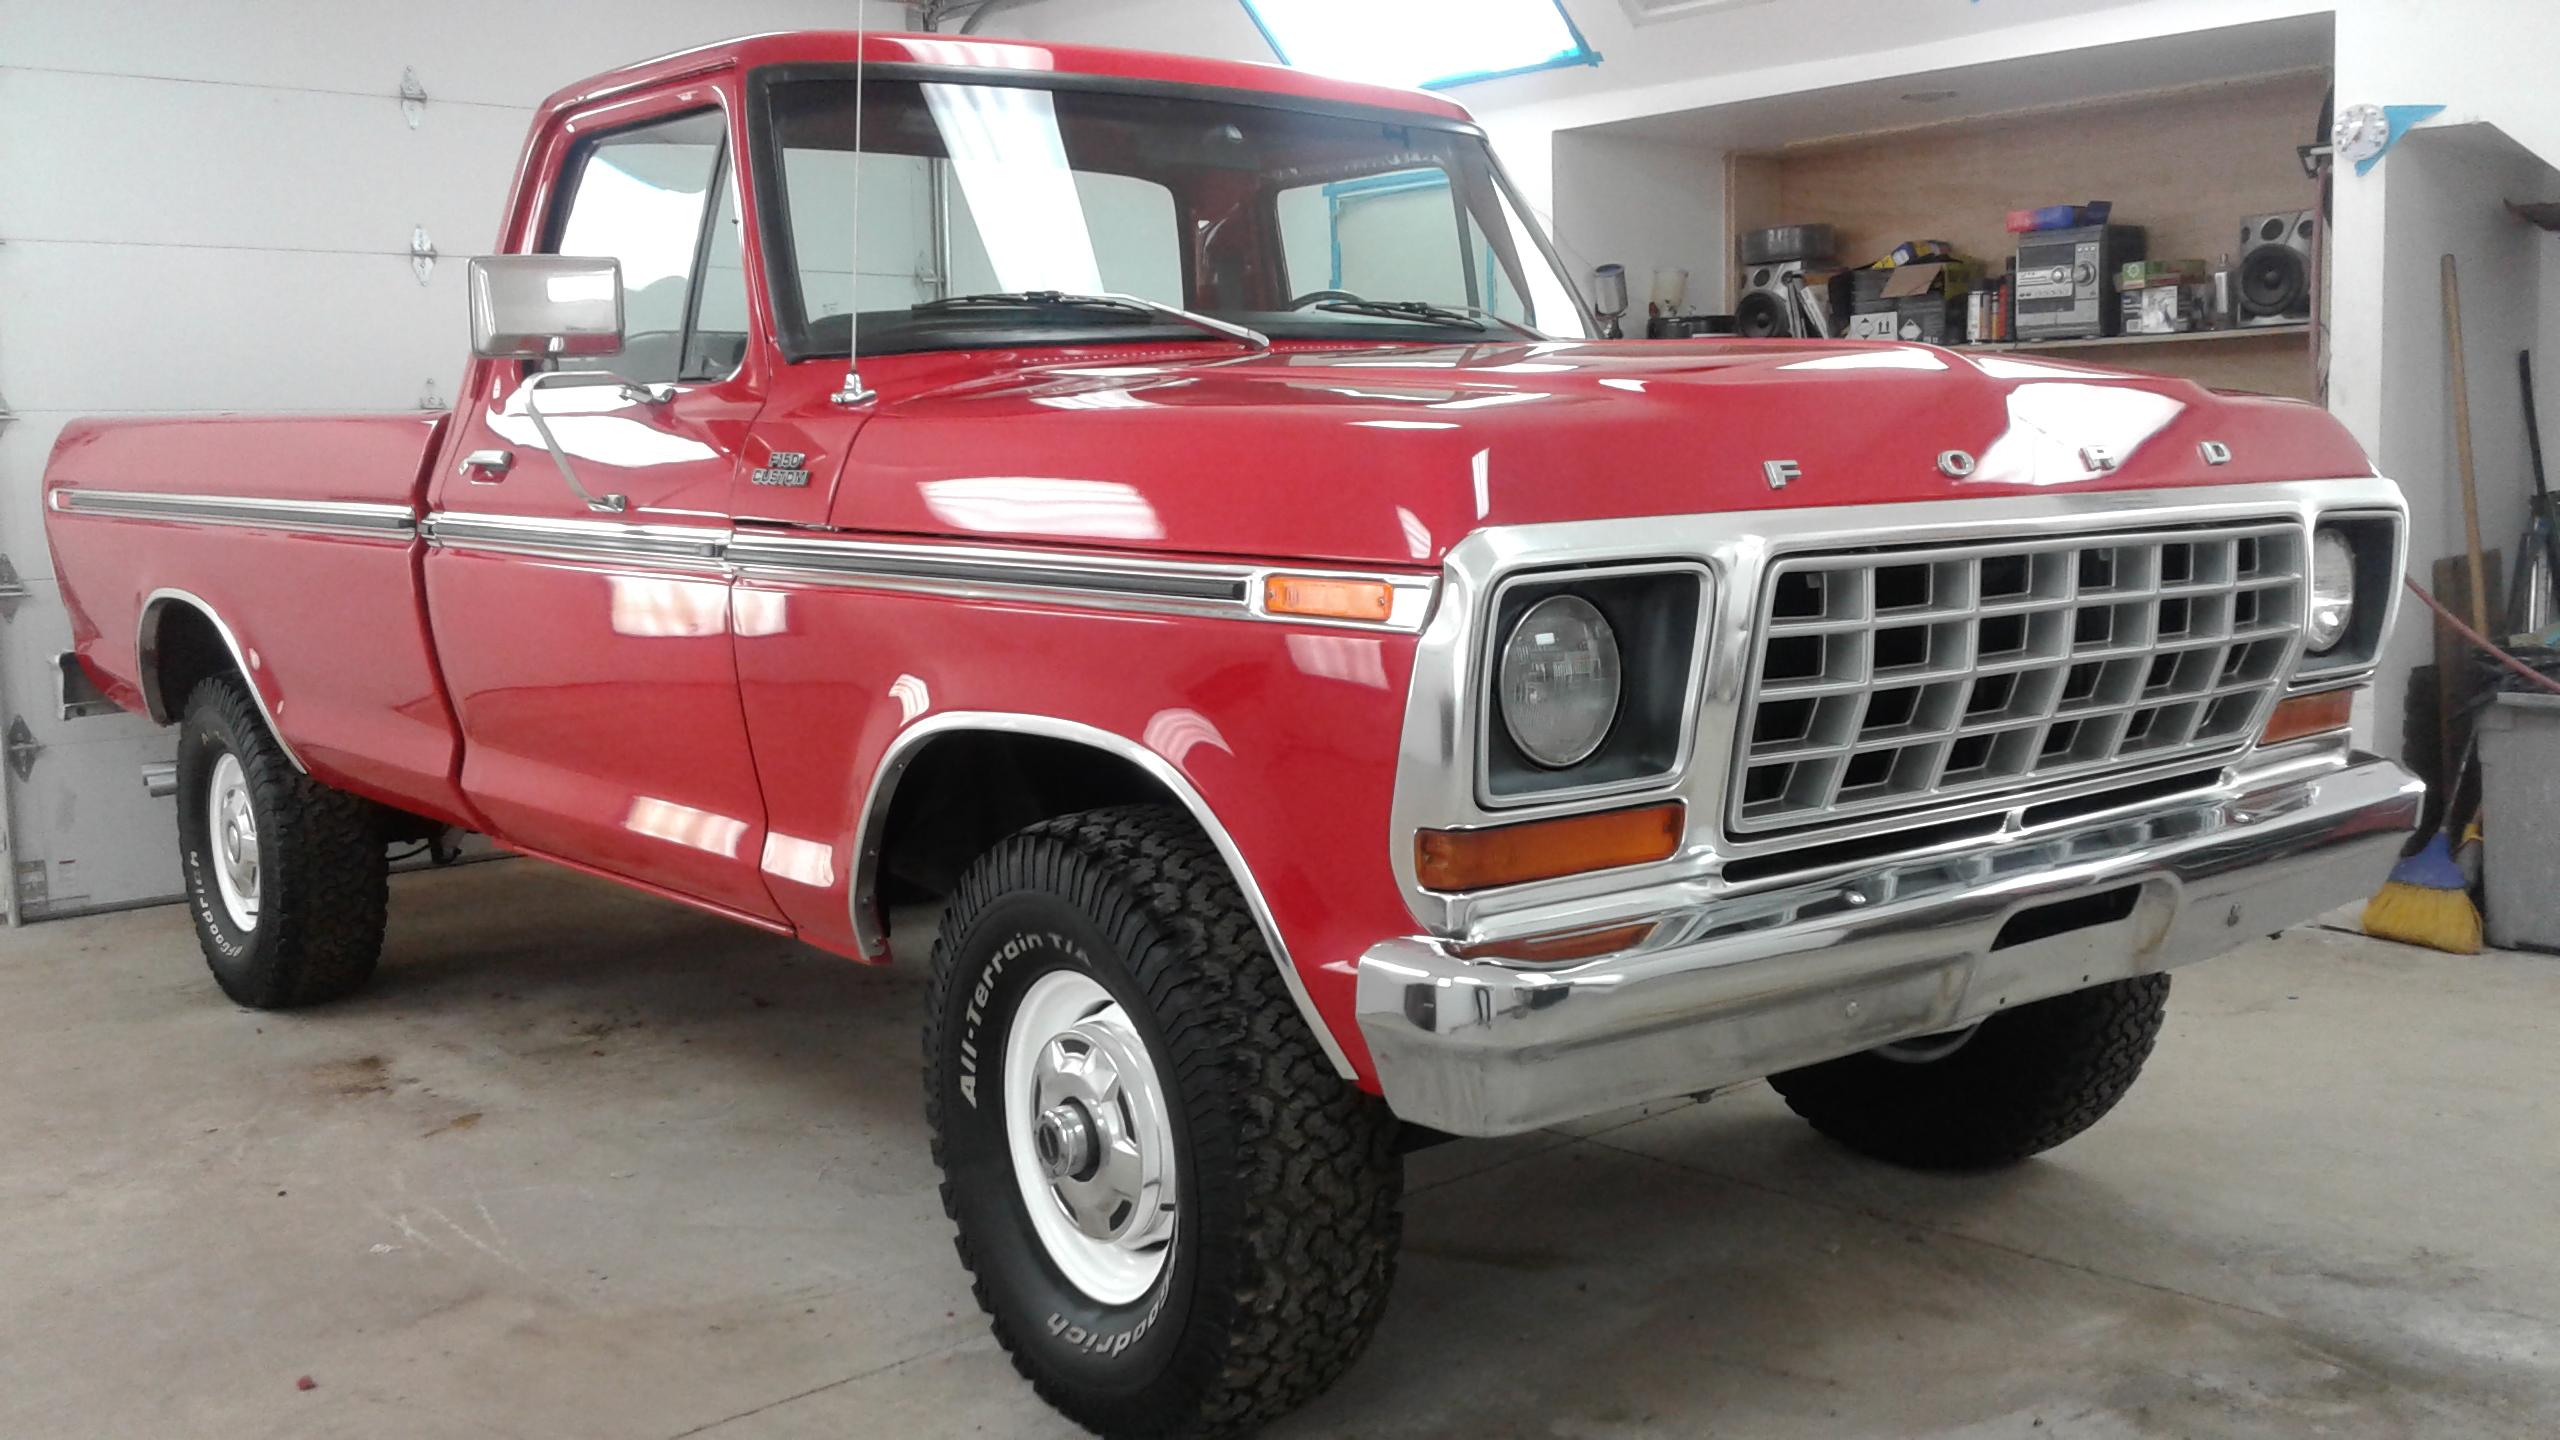 1978 Ford F 150 4x4 Maxlider Brothers Customs